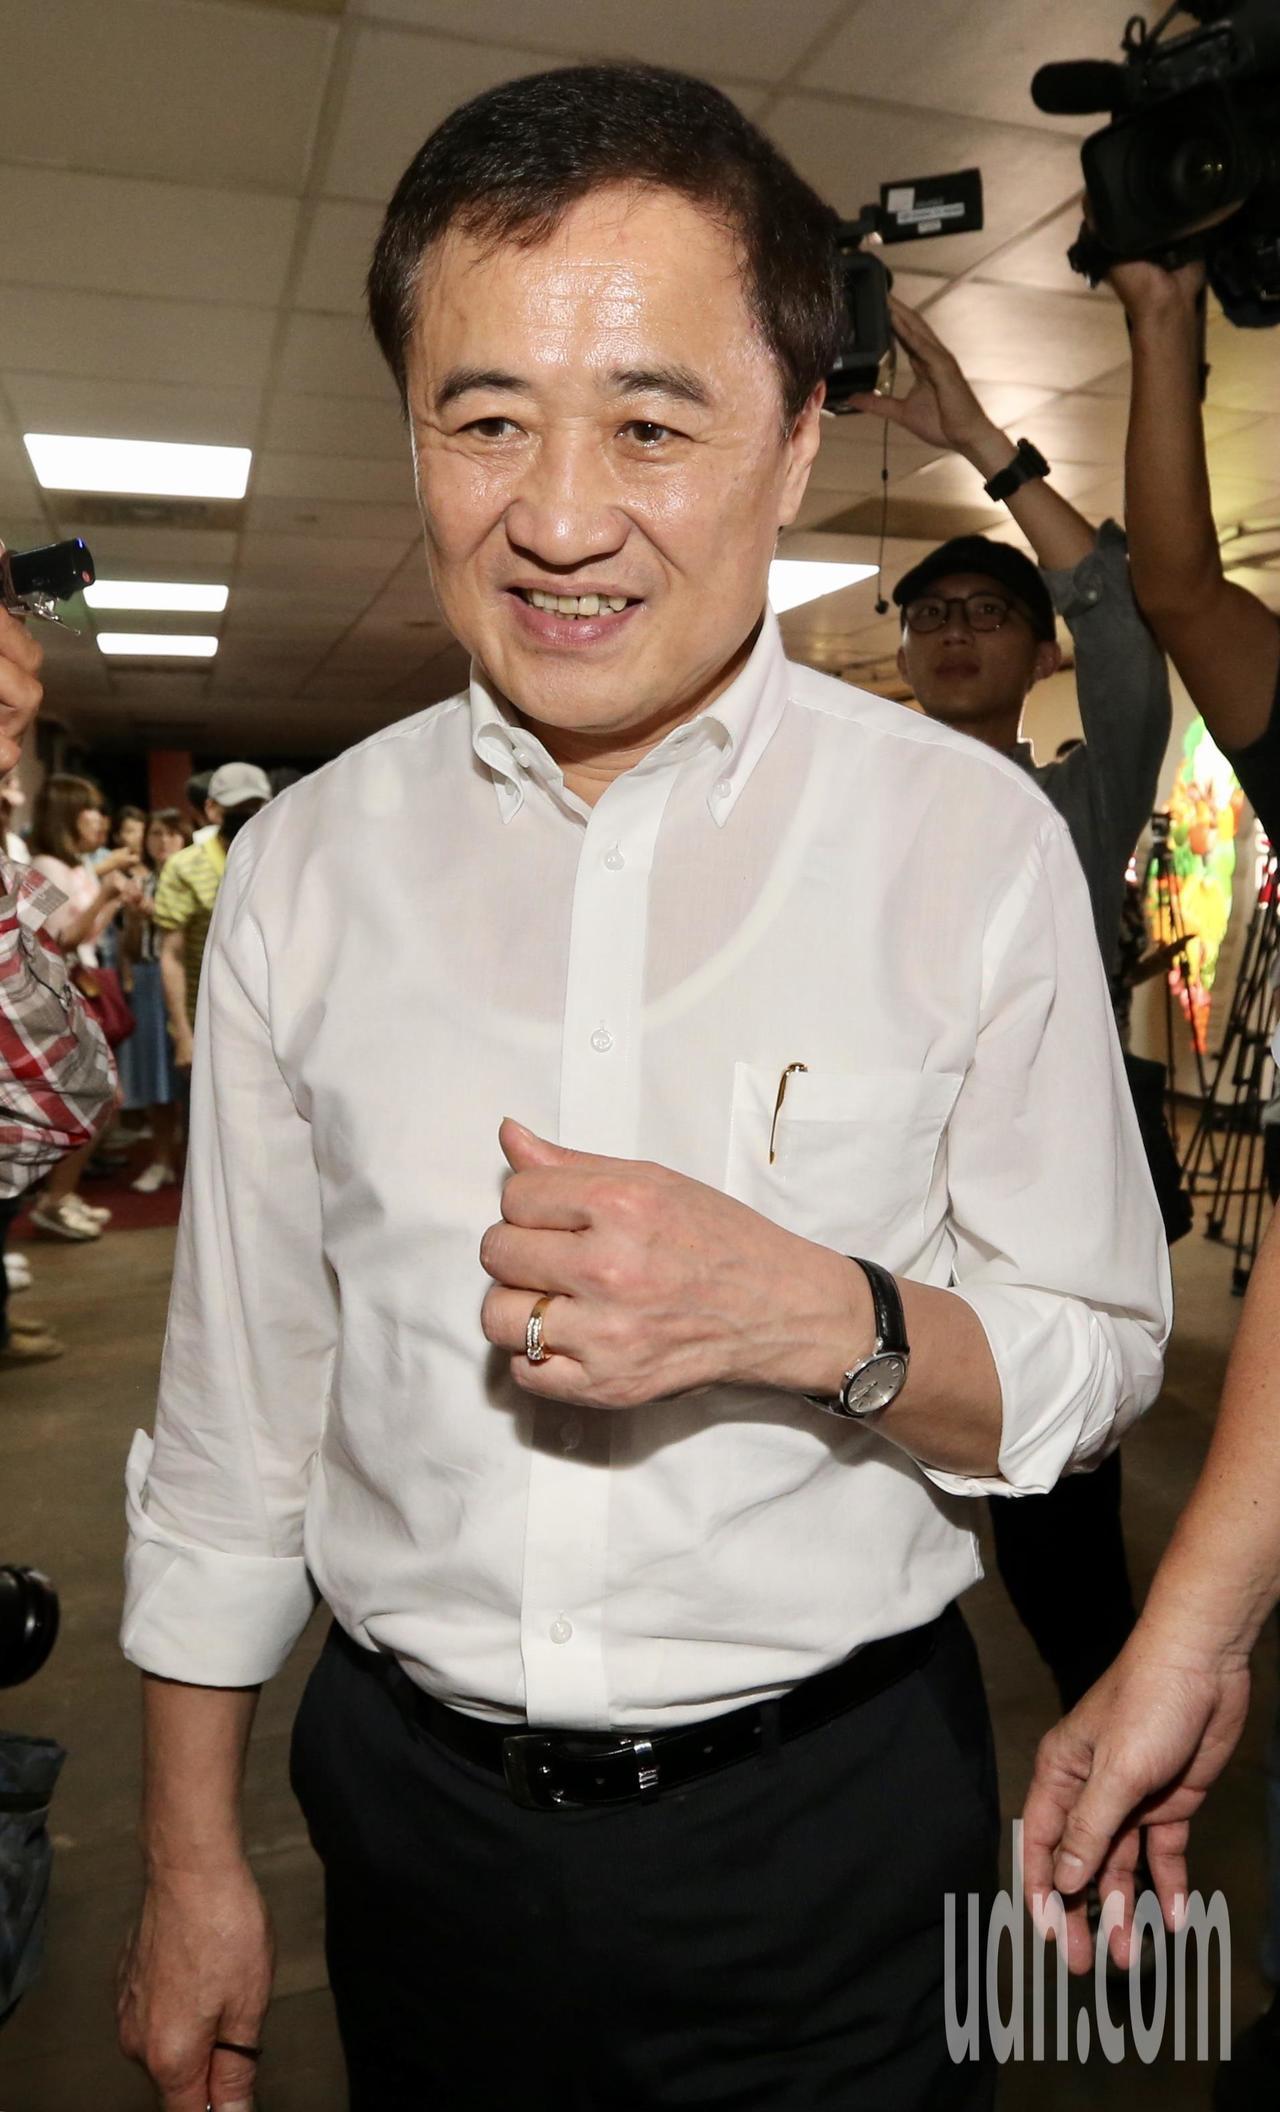 台北市副市長陳景峻下午前往台北農產運銷公司開董事會前。記者林伯東/攝影